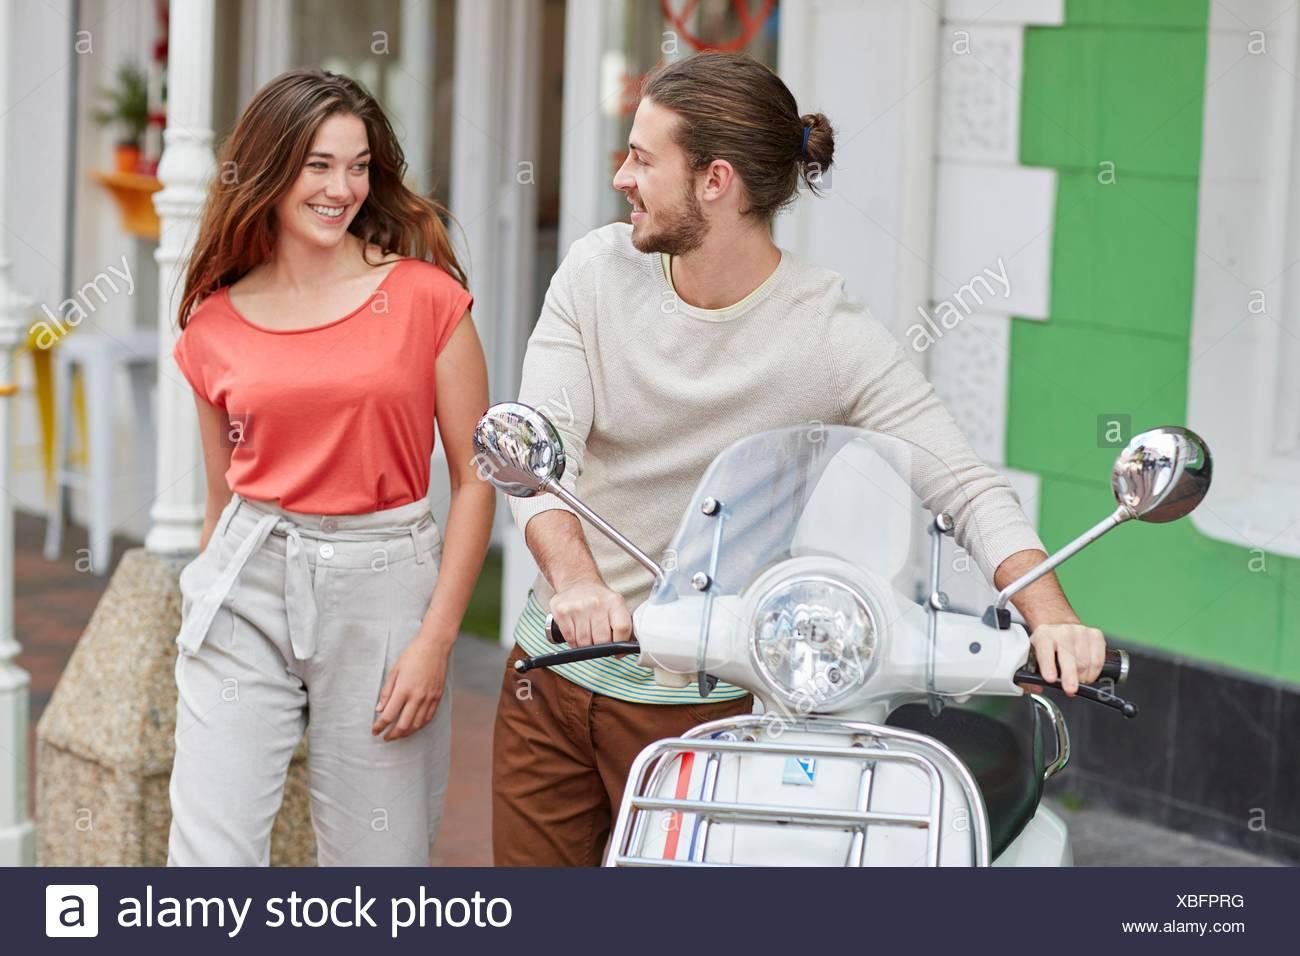 Parution du modèle. Jeune couple café à l'extérieur, man holding cyclomoteur. Banque D'Images